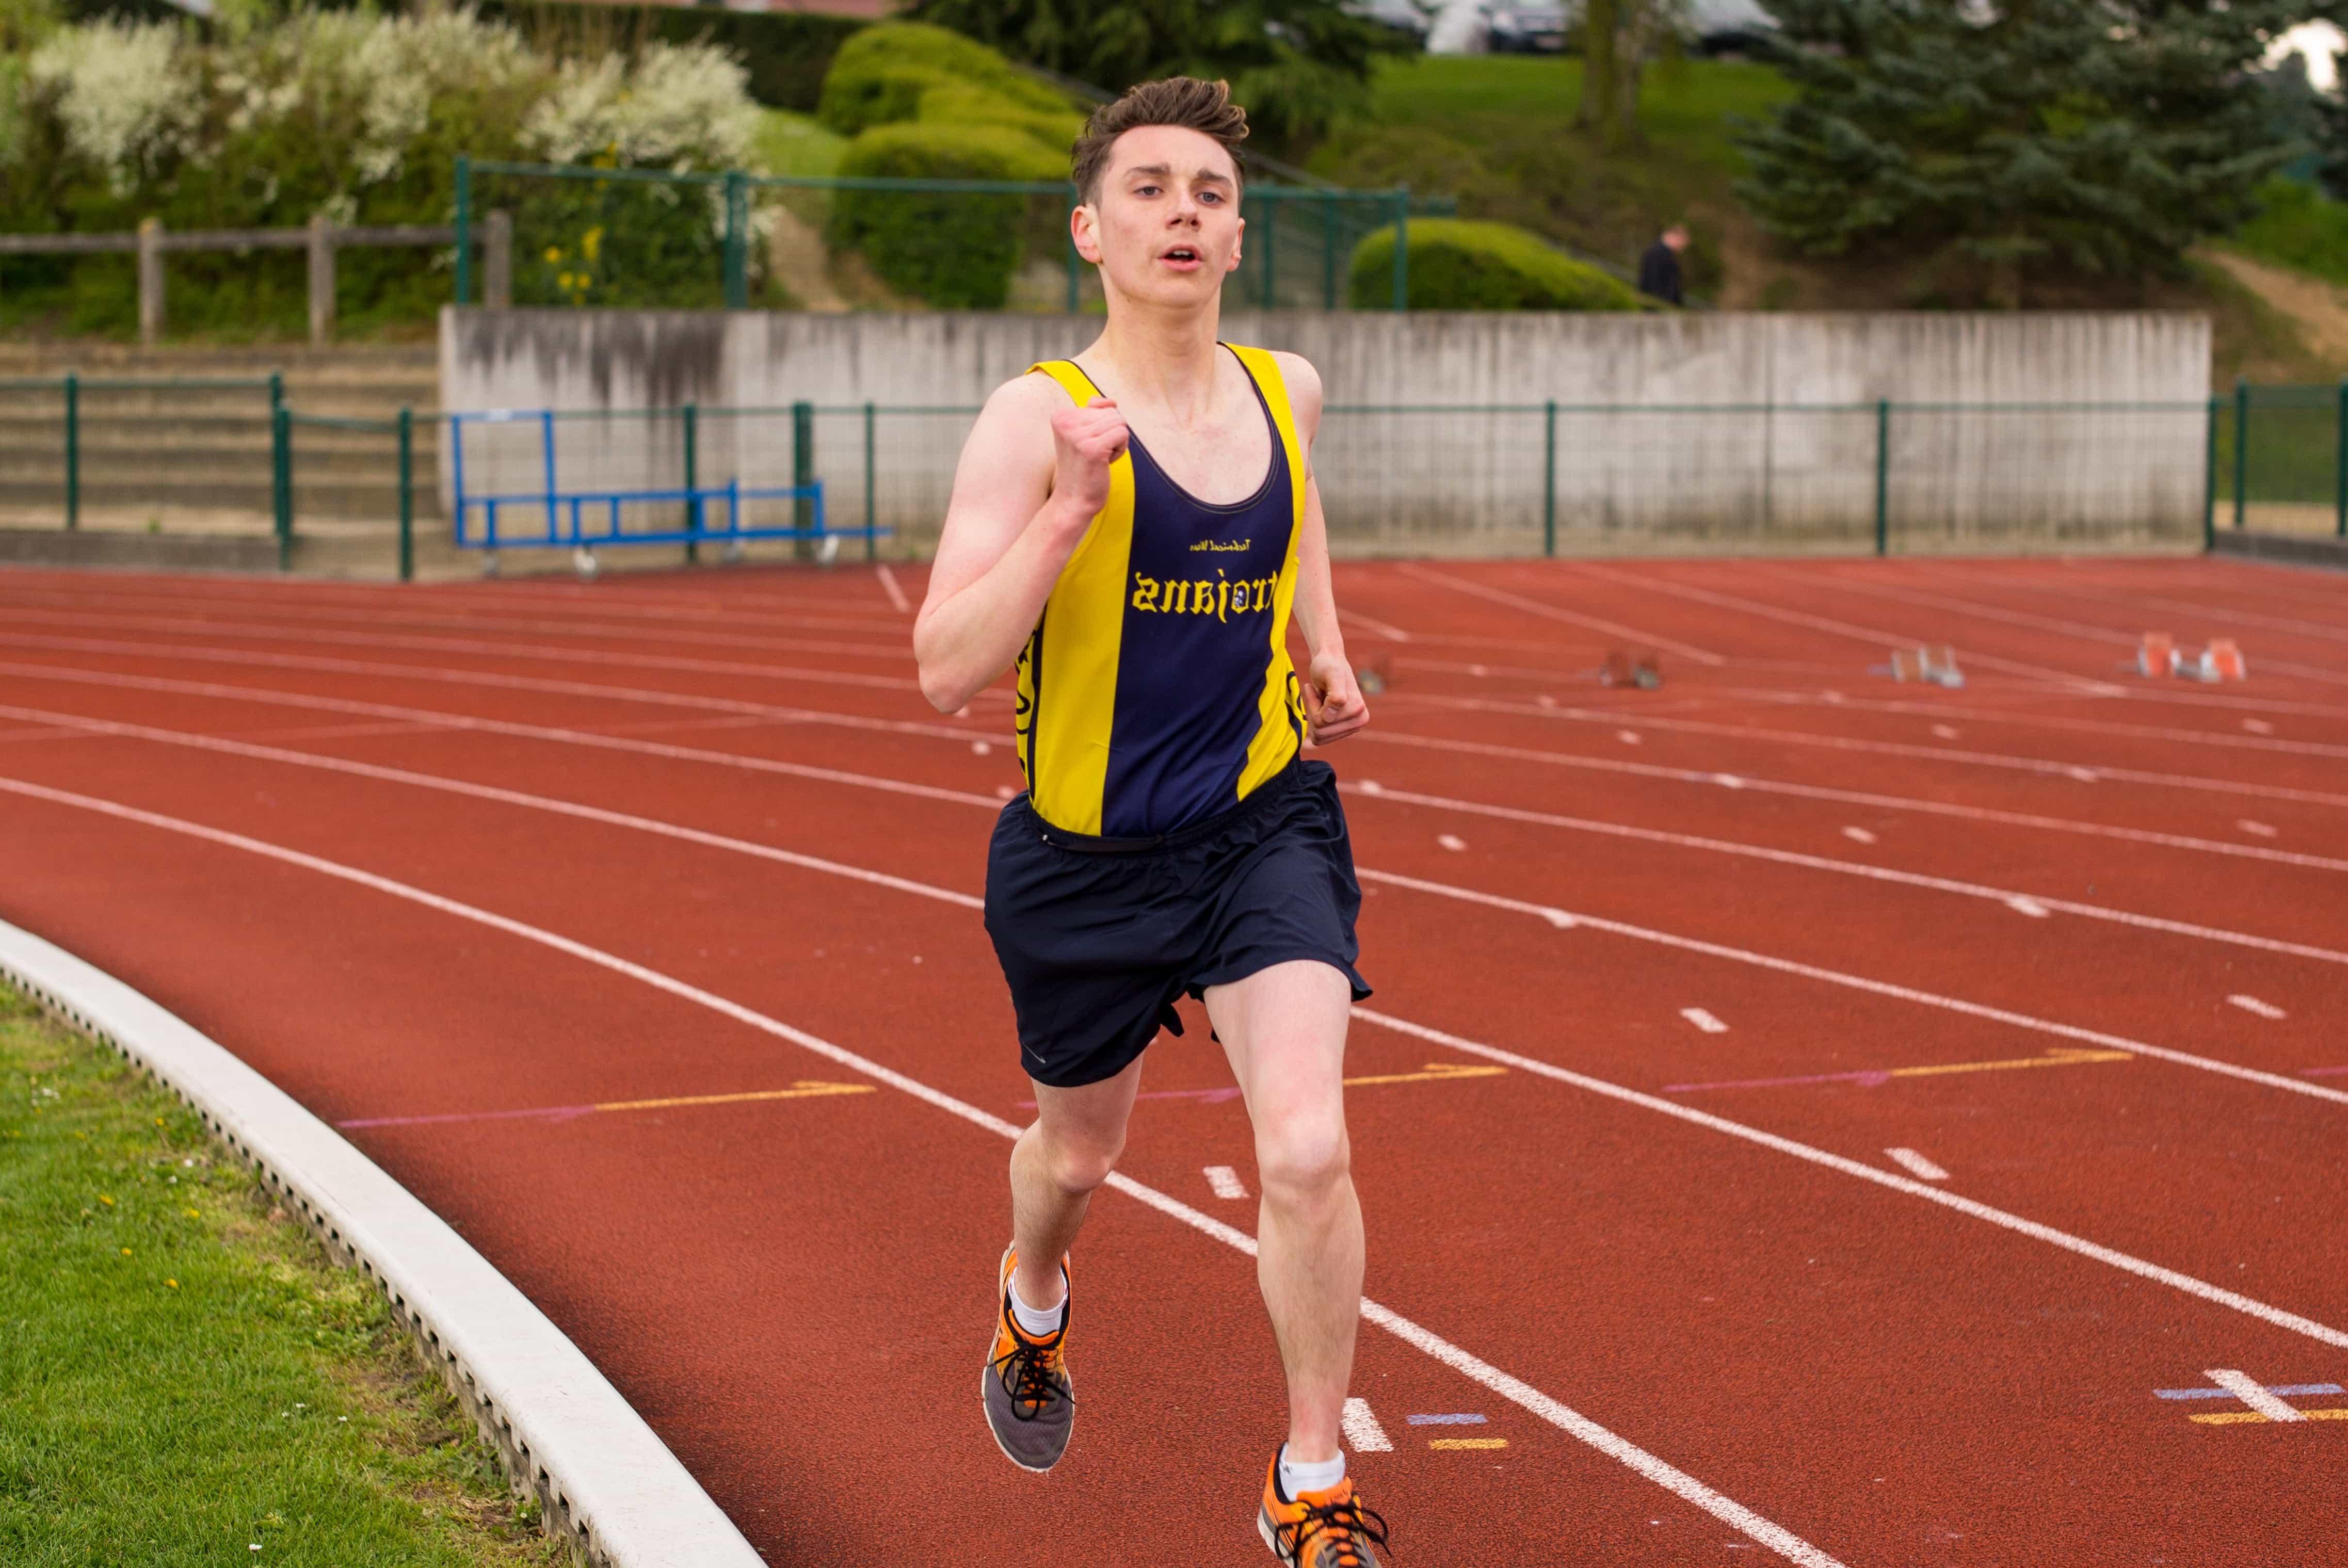 Картинка спортсмен бегун